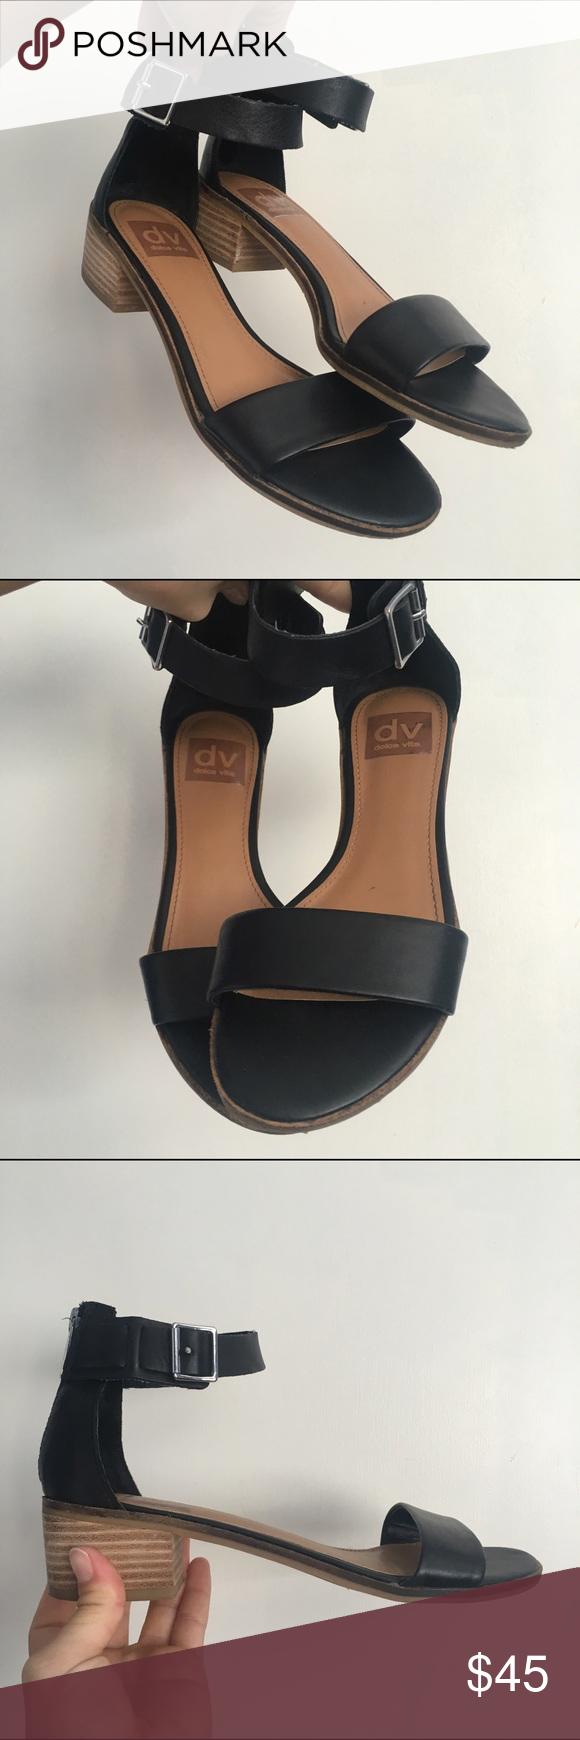 DV Shoes | Shoes, Dv by dolce vita, Dolce vita shoes